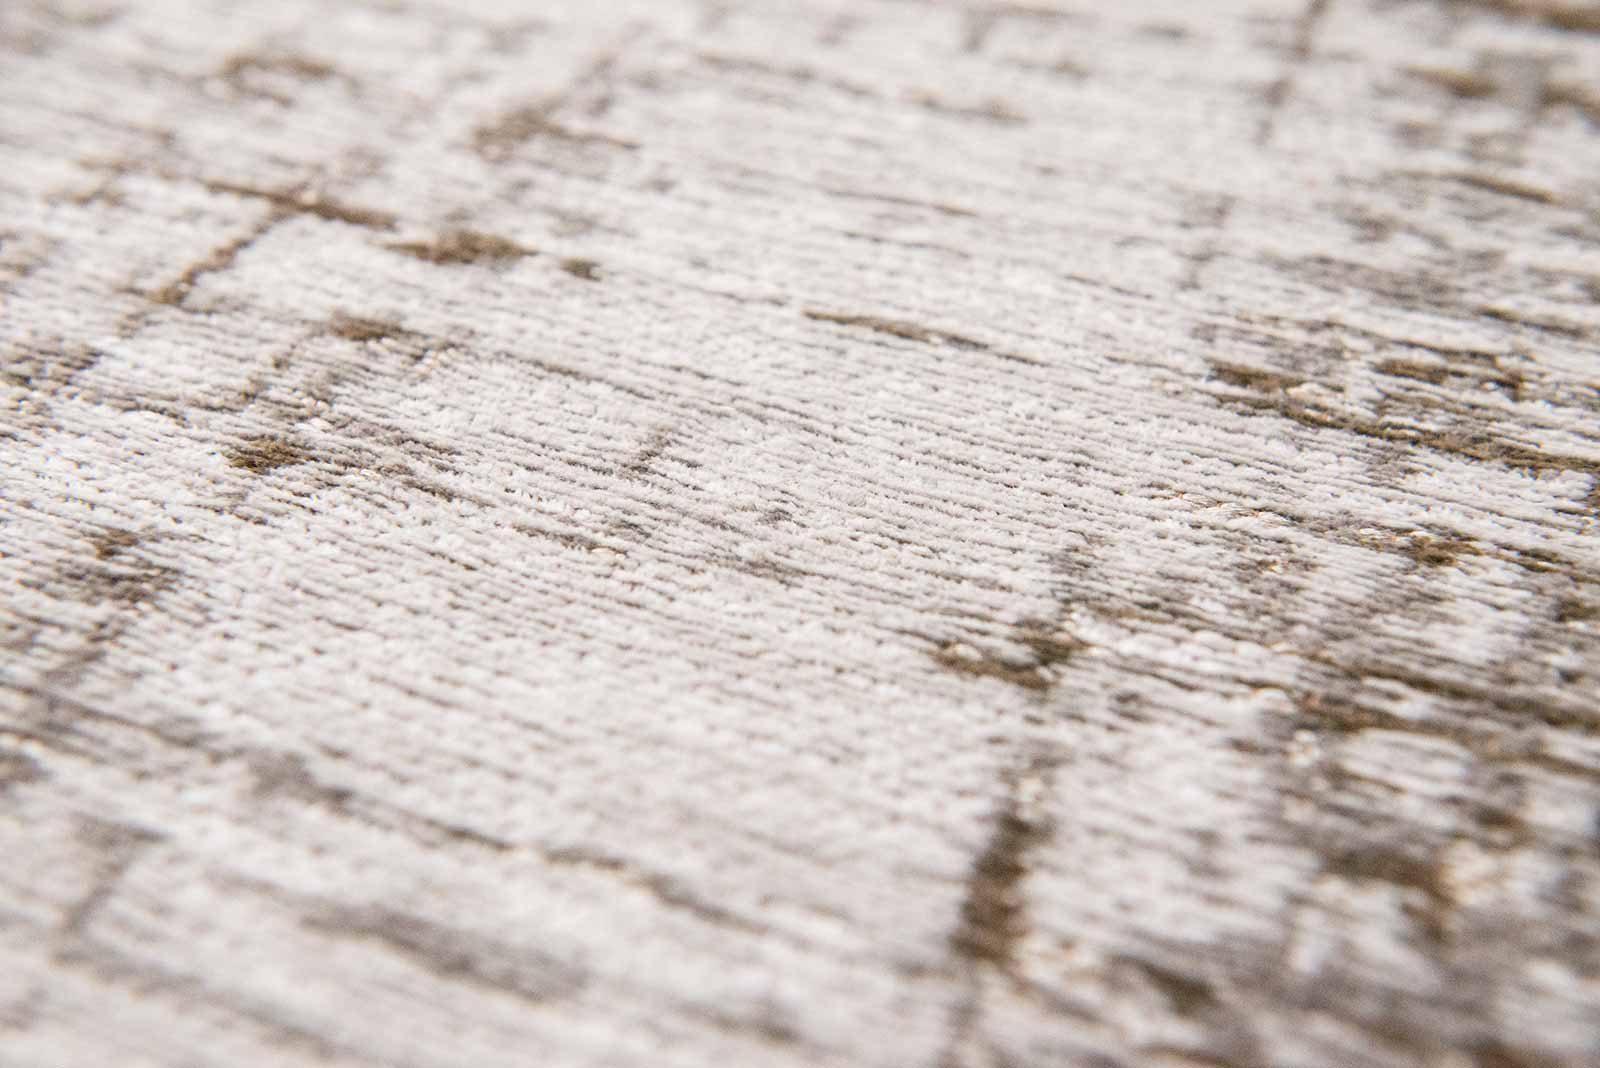 alfombras Louis De Poortere LX 8785 Mad Men Griff Concrete Jungle zoom 3